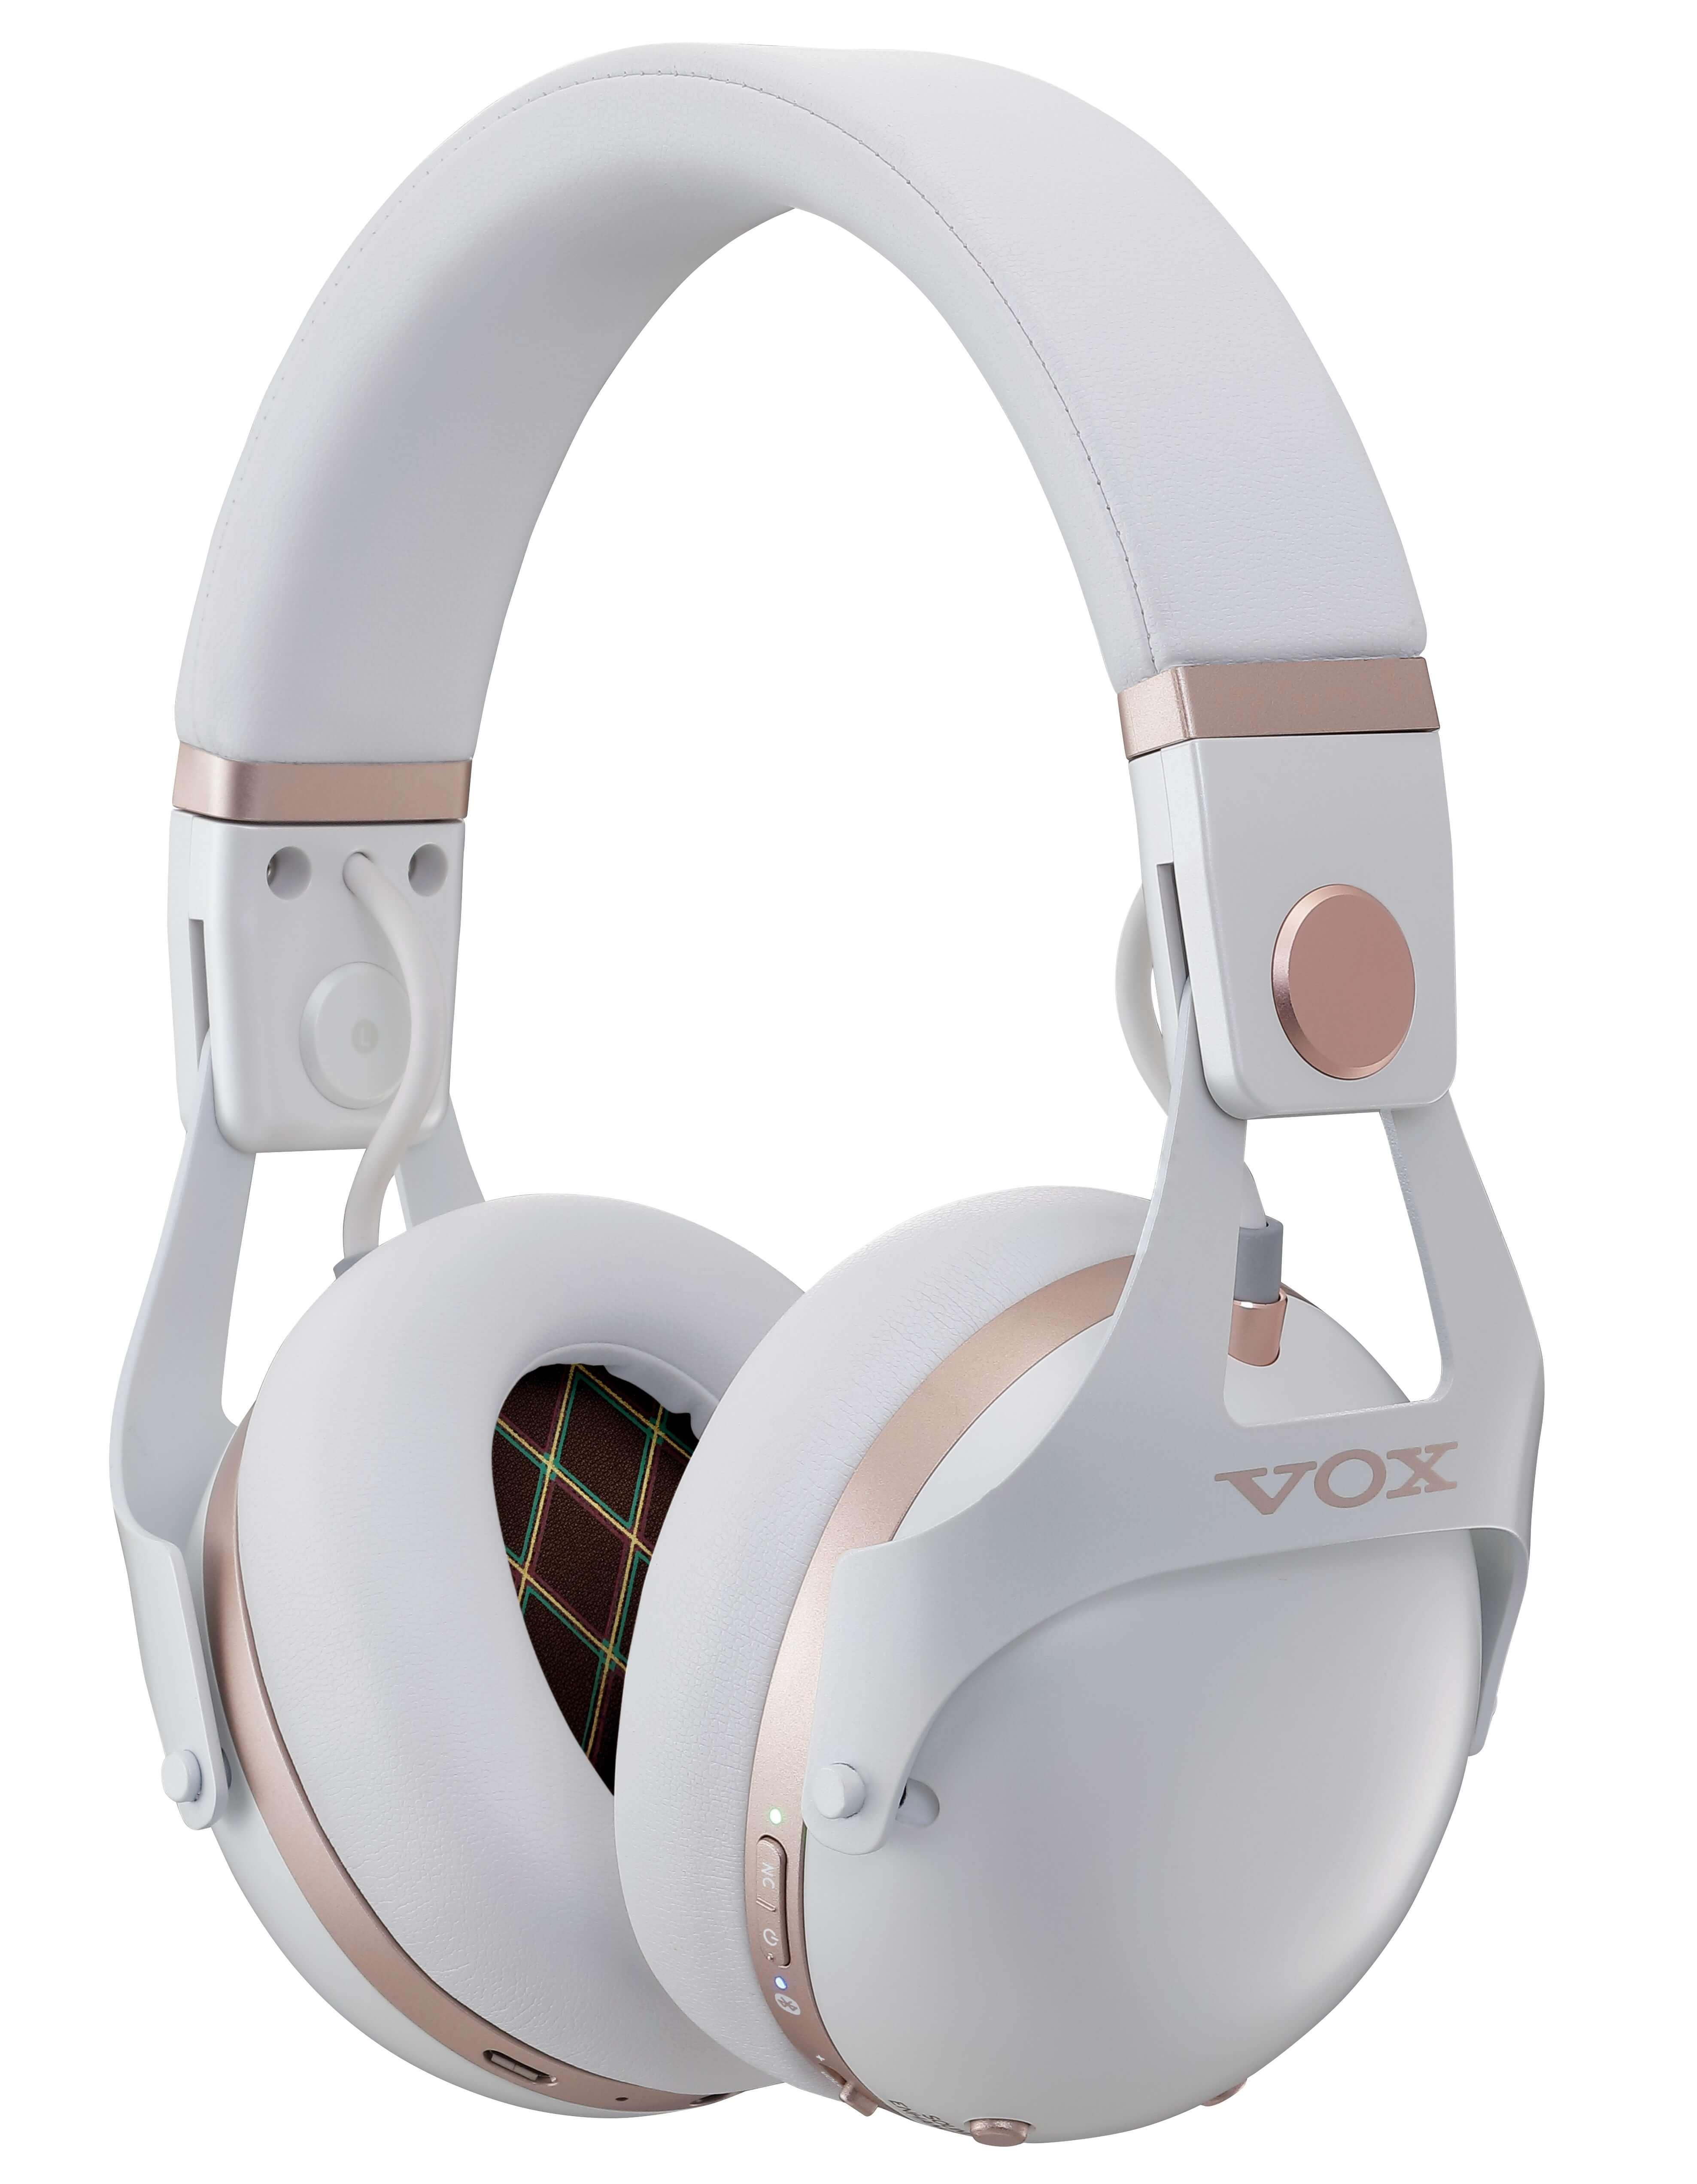 VOX VH-Q1-WH Noise Cancel Silent